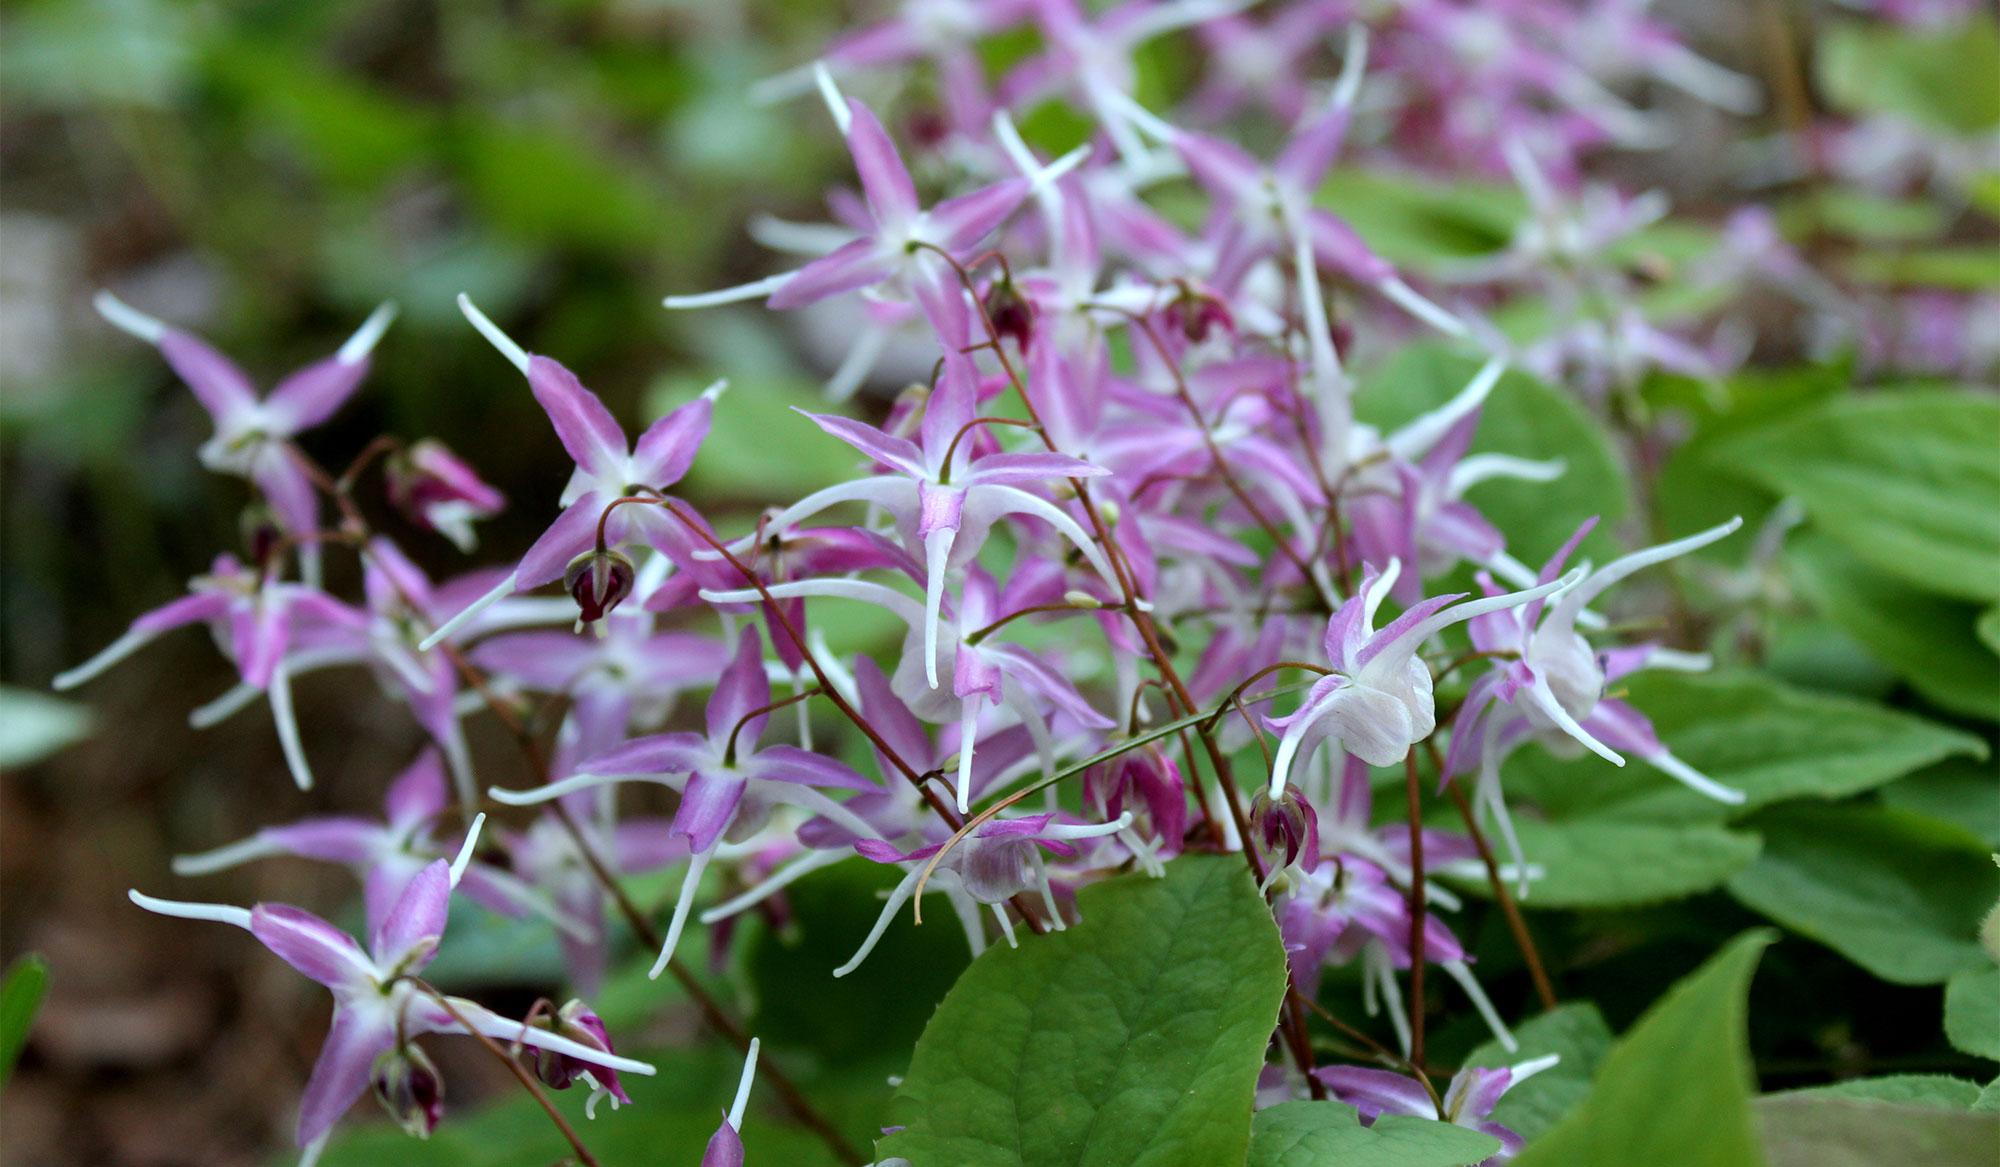 Barrenwort flowers